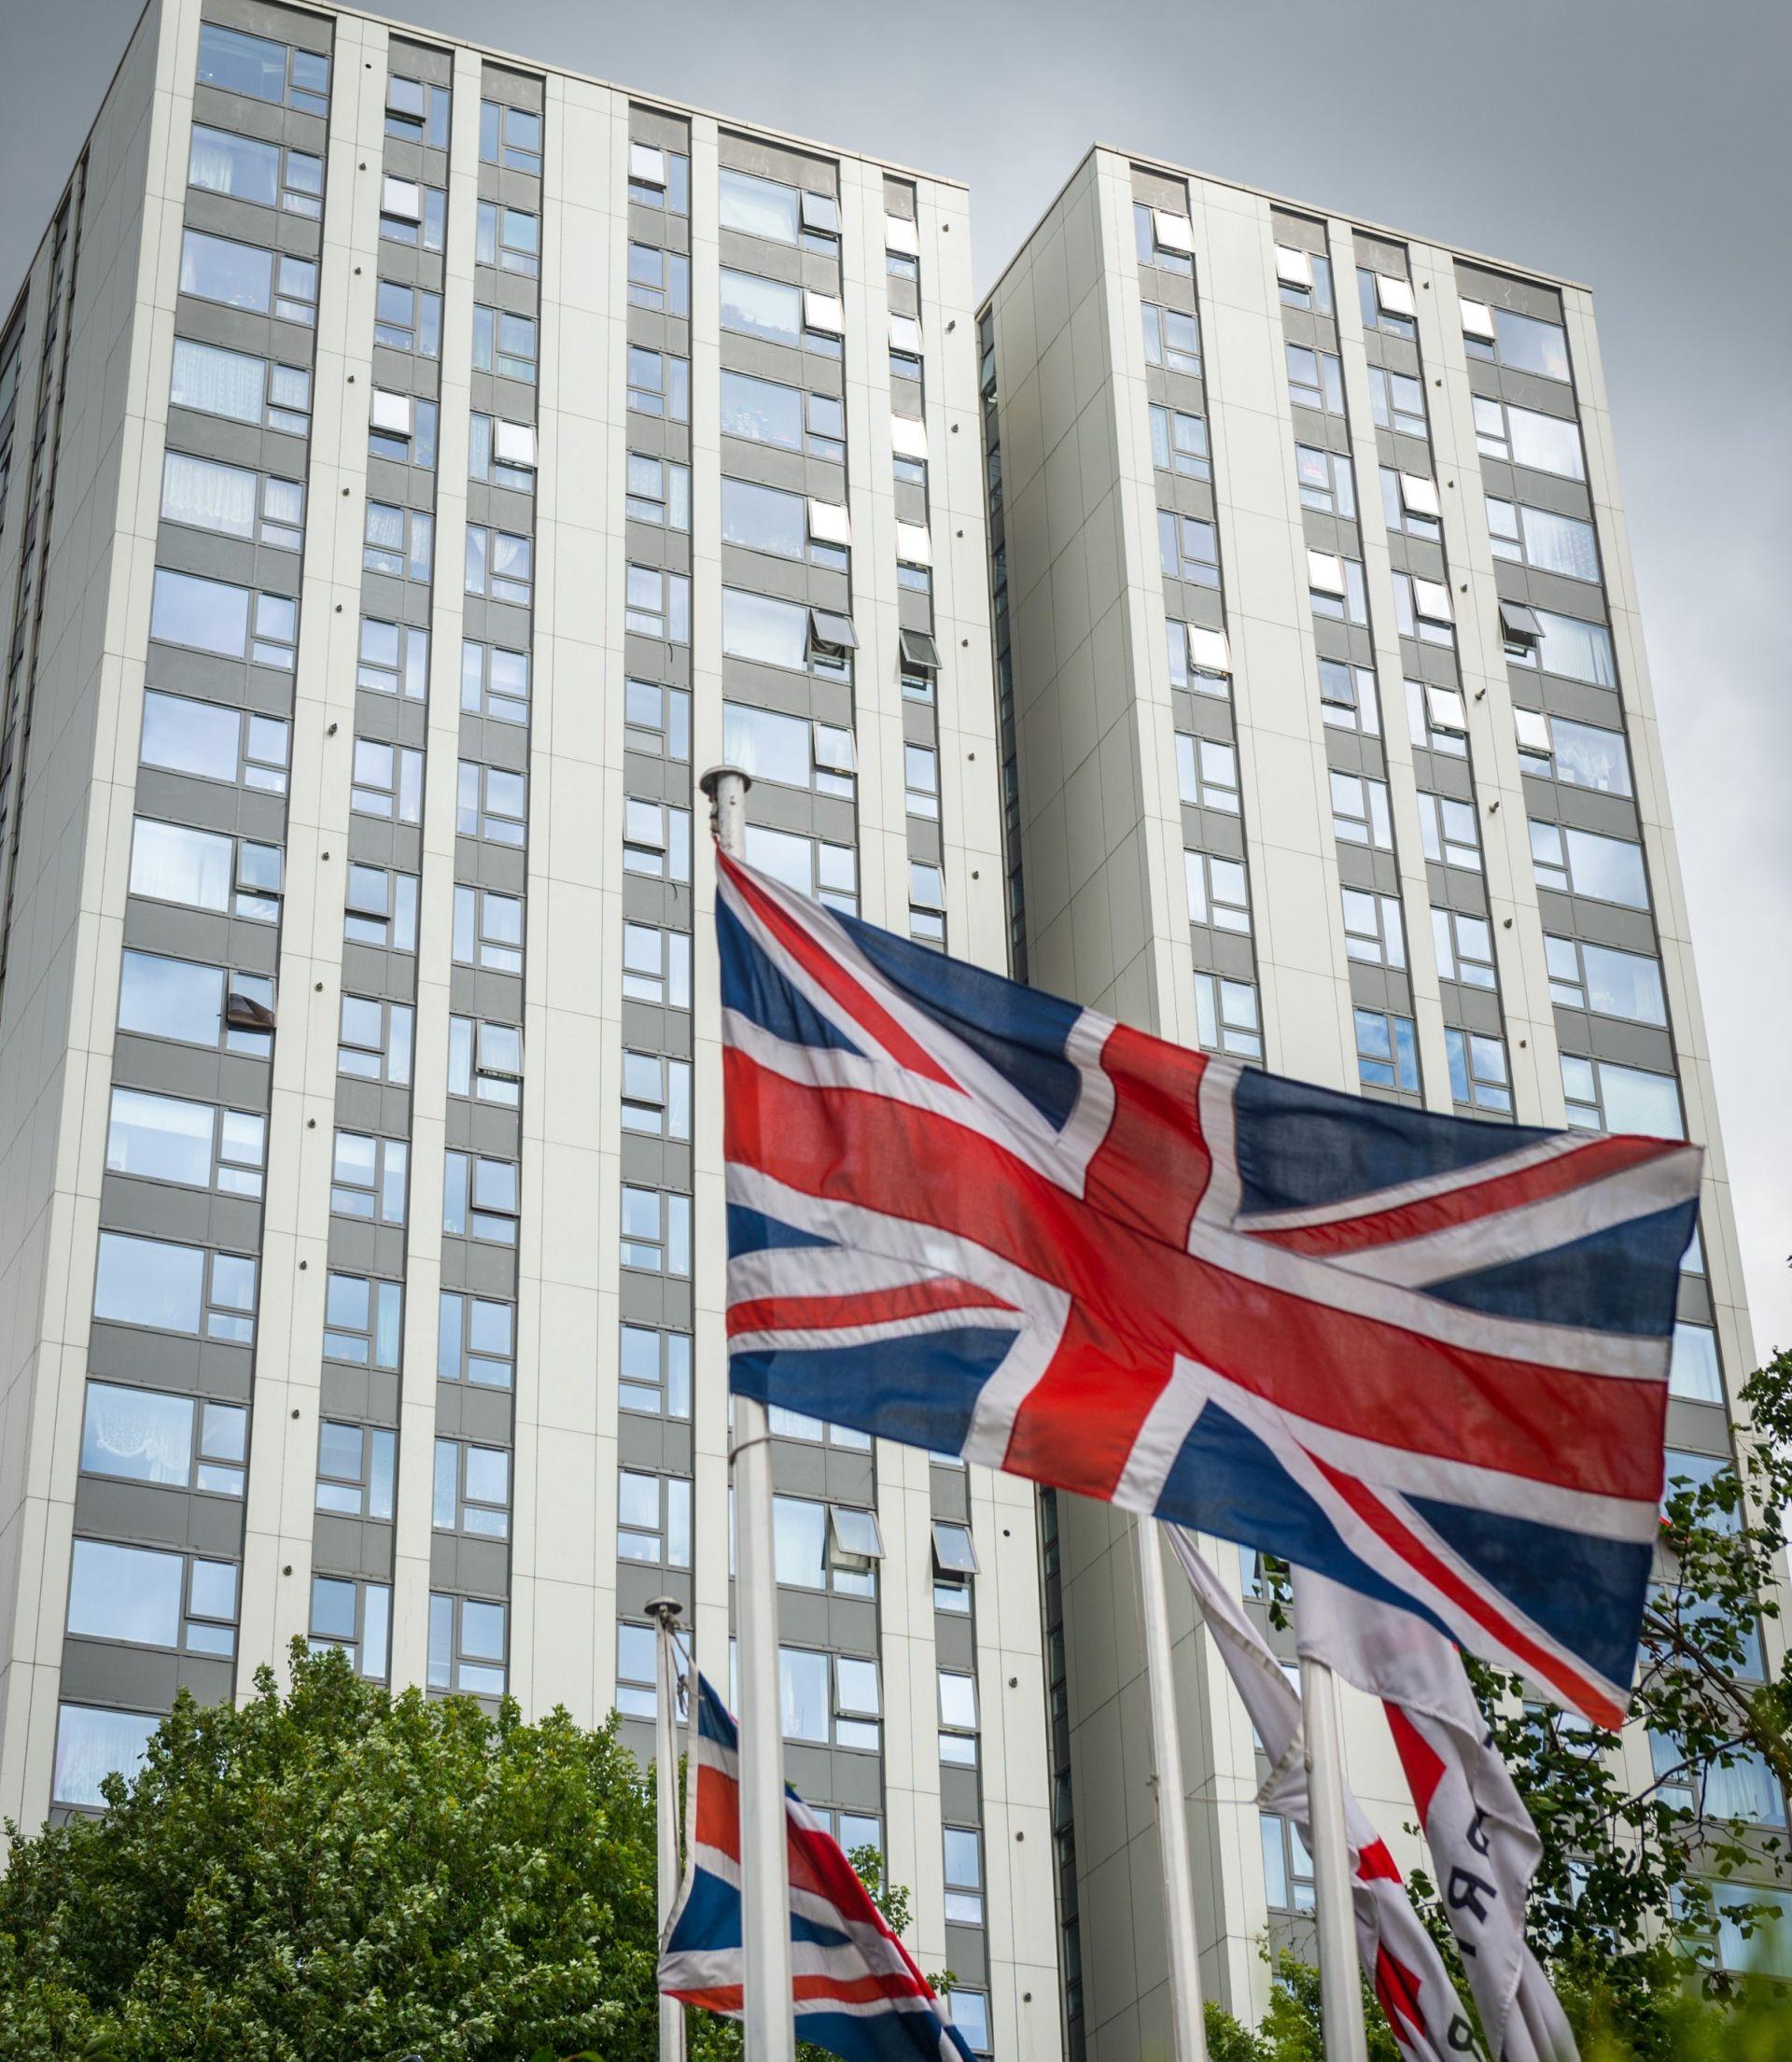 BRITANIJA Šezdeset stambenih nebodera nije u skladu s protupožarnim normama